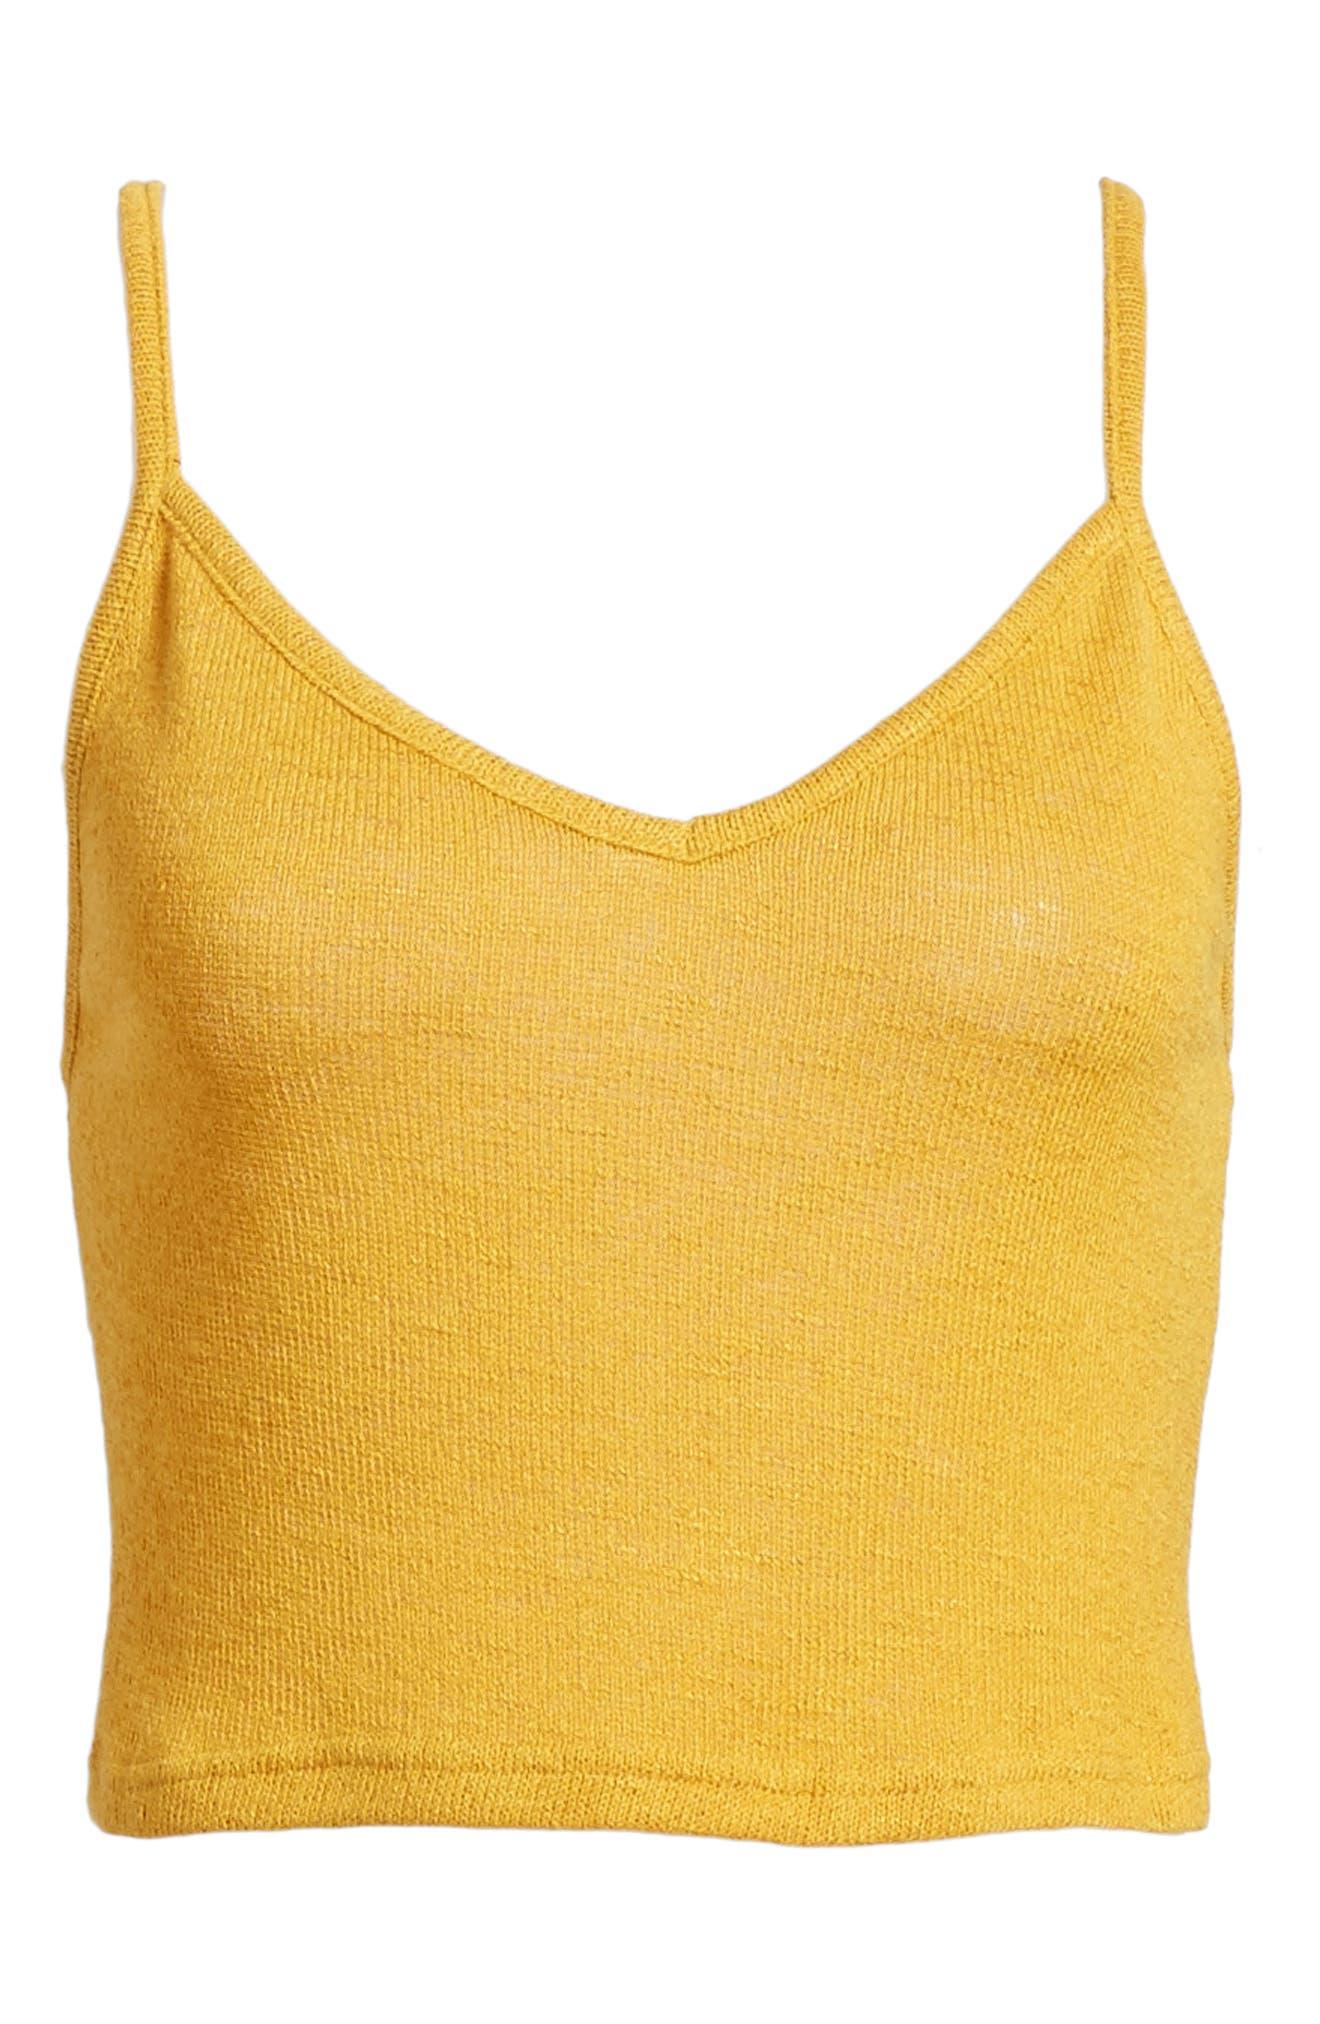 Heat Rising Crop Camisole,                             Alternate thumbnail 8, color,                             Saffron